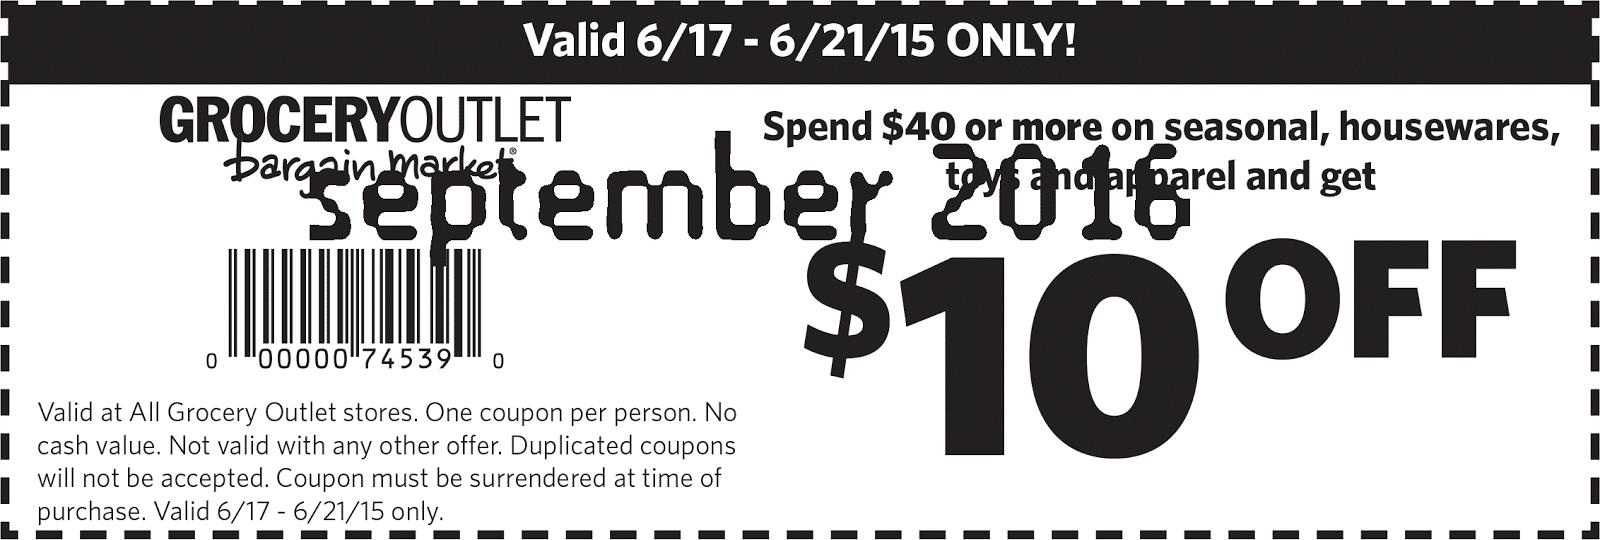 Market hq coupon